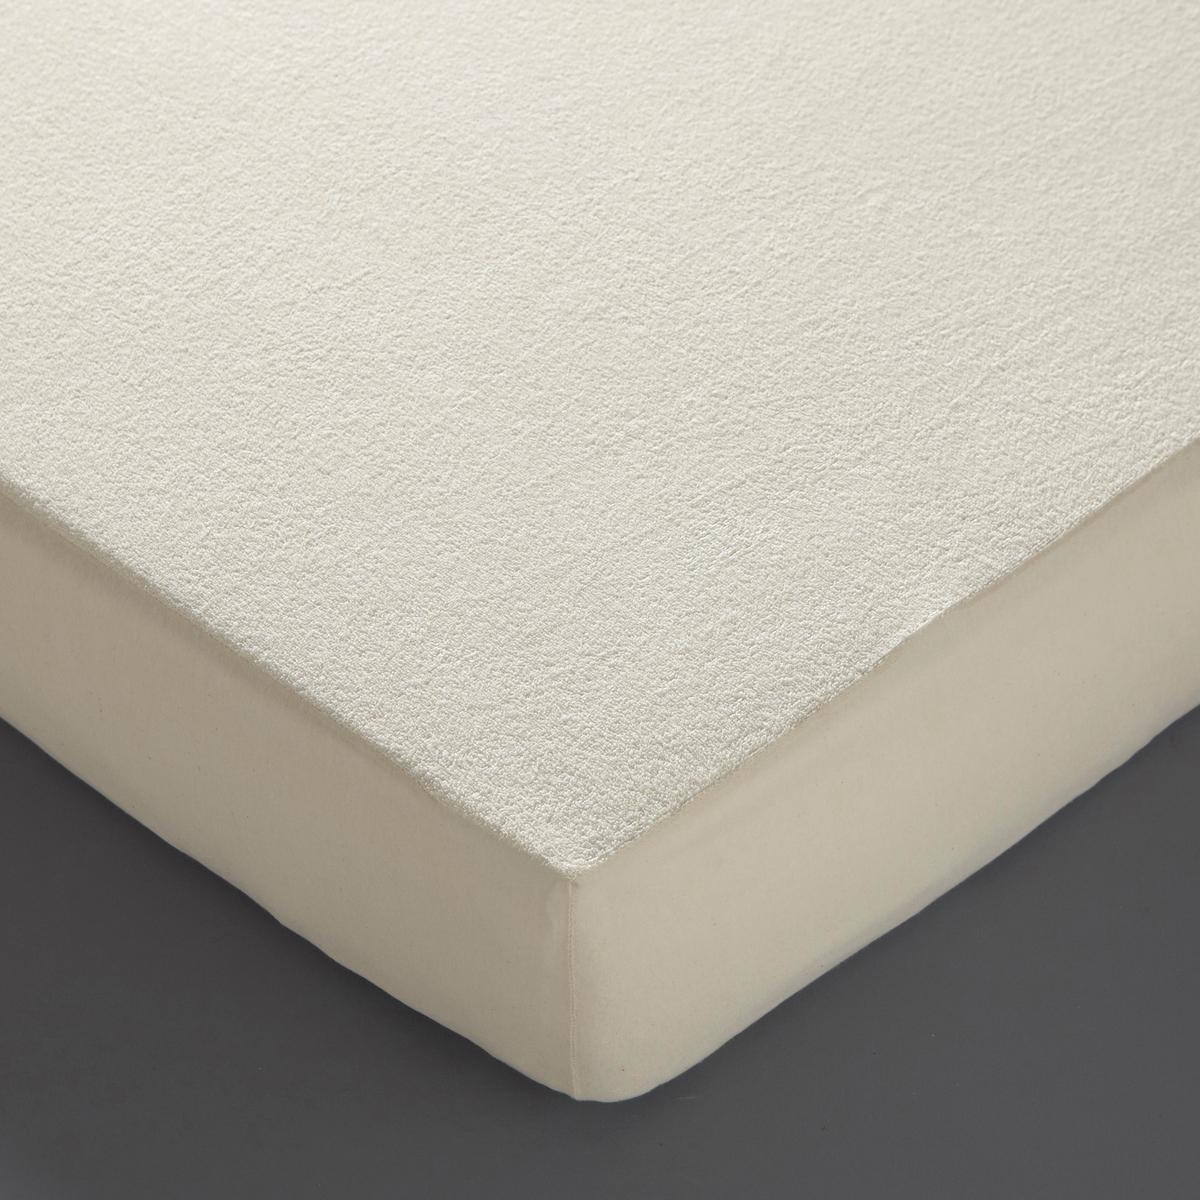 Чехол защитный для матраса из махровой ткани BioМахровая ткань из биохлопка. Характеристики :- Чехол-простыня из махровой ткани 78% хлопка, 22% полиэстера (лямки 100% хлопок) сверху- Дышащая полиуретановая пленка снизу- Клапаны: джерси 100% хлопок, очень эластичный- 80 г/м2- Высота 27 см- На резинках по всему периметру, 4 натяжных уголка.<br><br>Цвет: экрю<br>Размер: 90 x 190 см